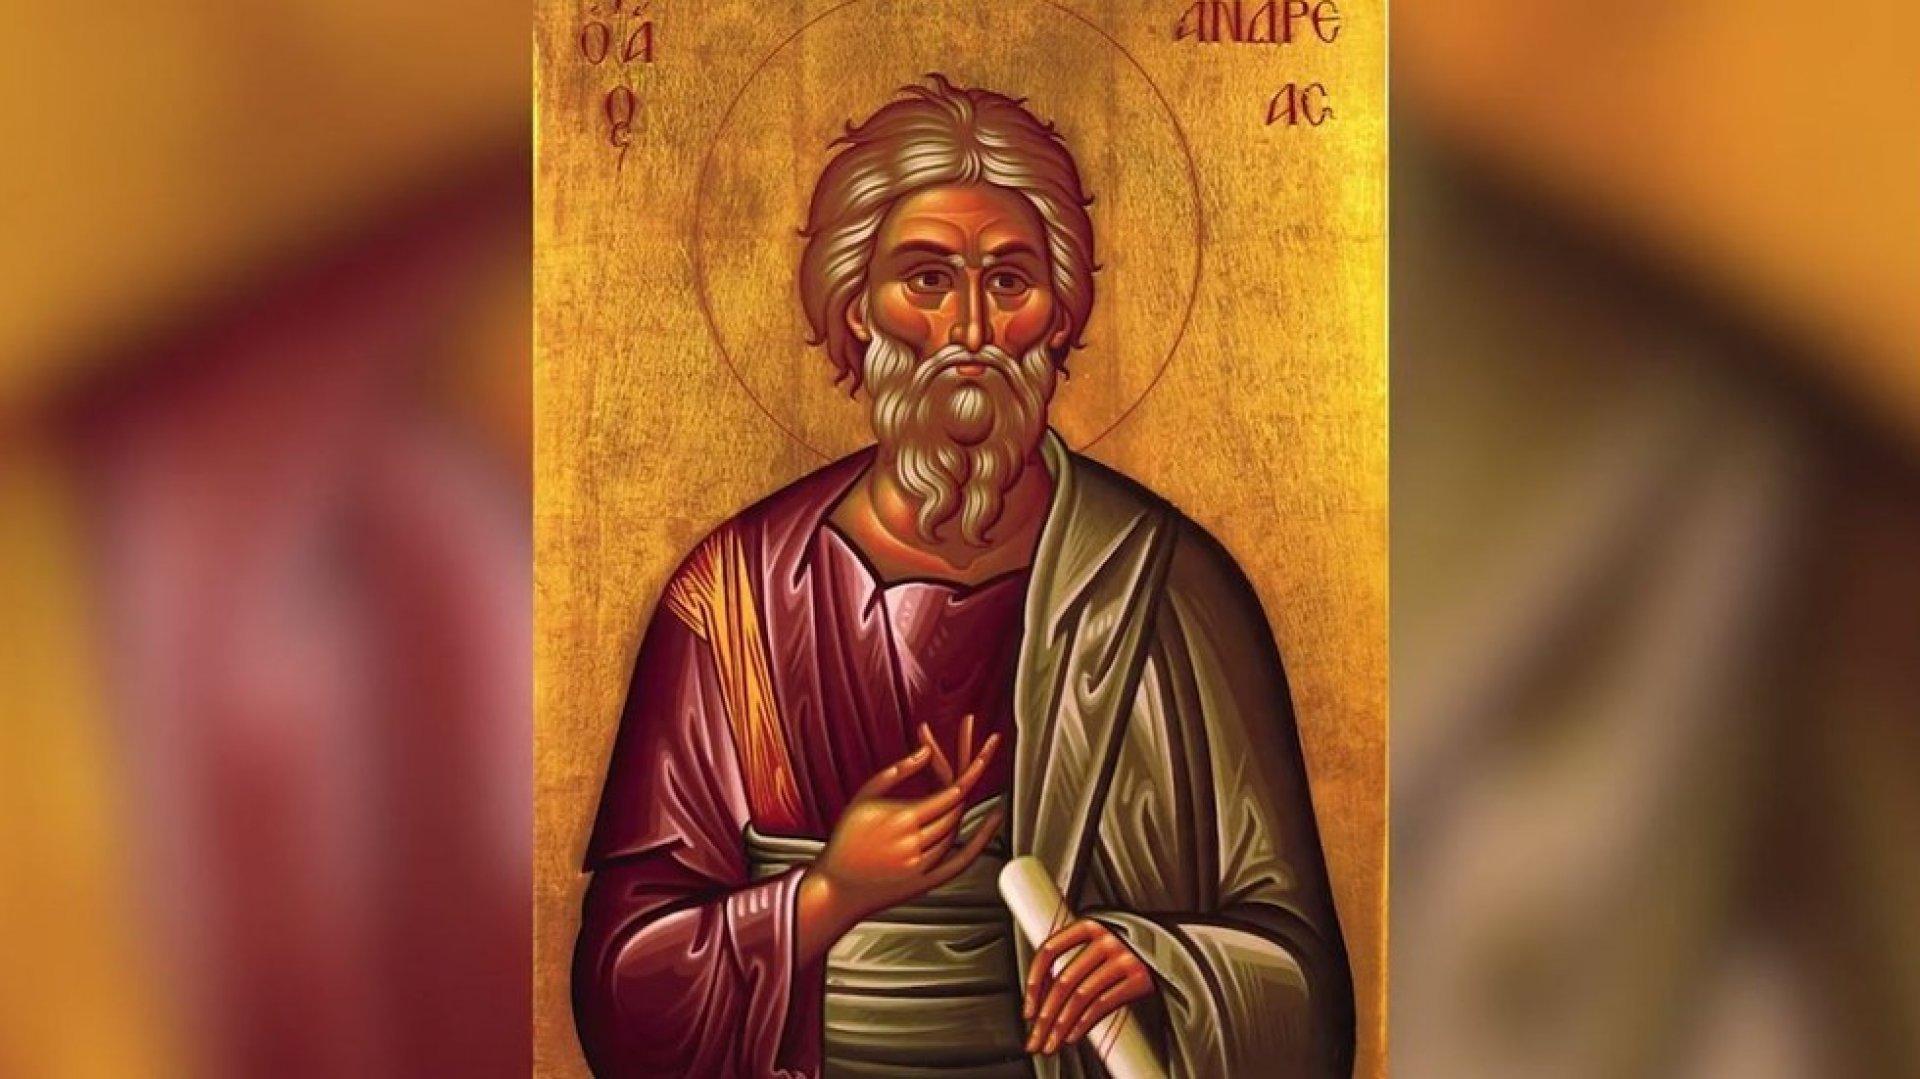 Името на светиАндрей често се среща в Евангелието